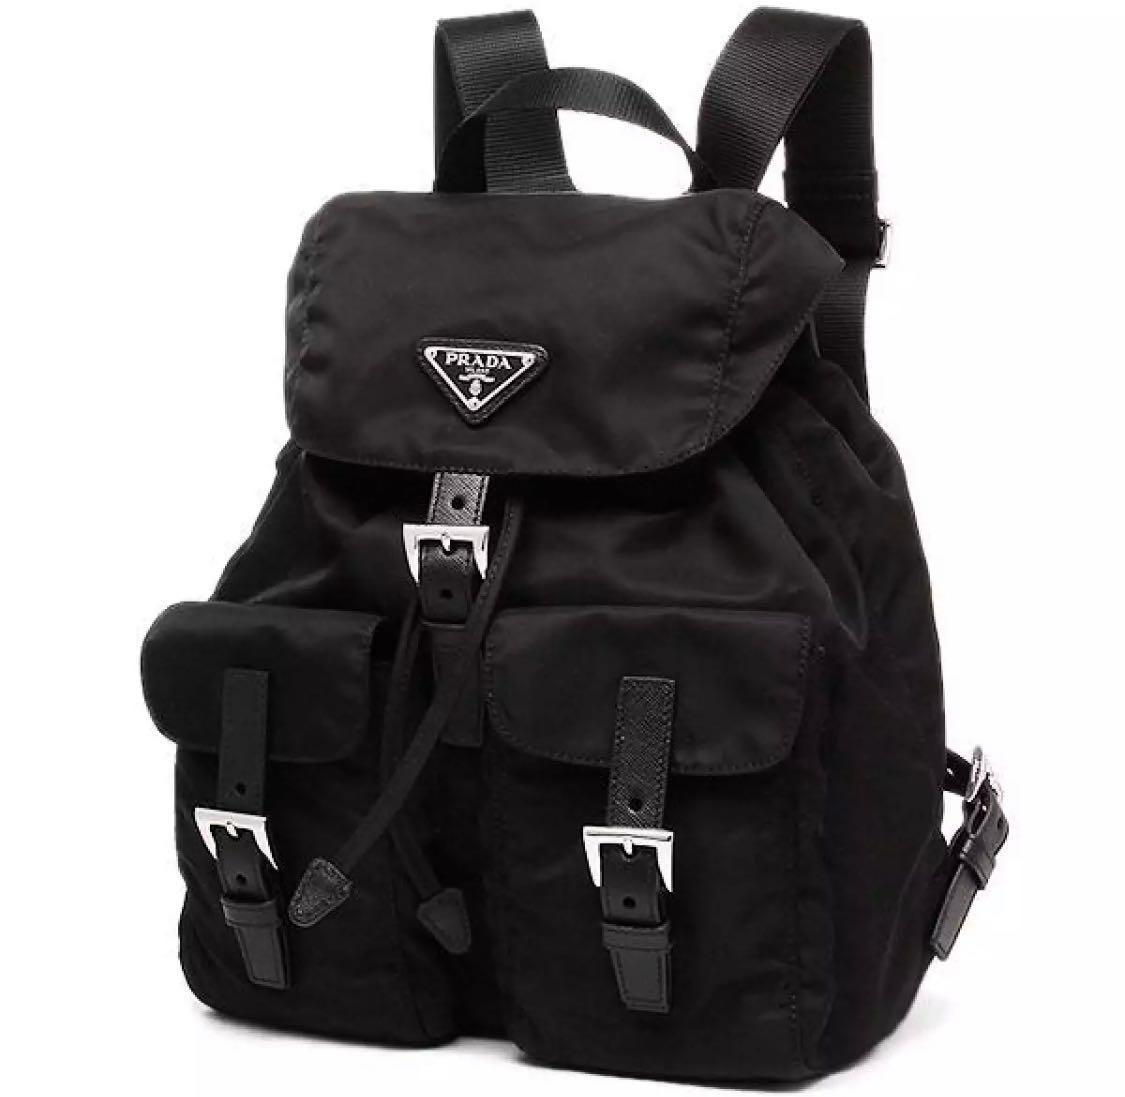 Prada backpack 🔥